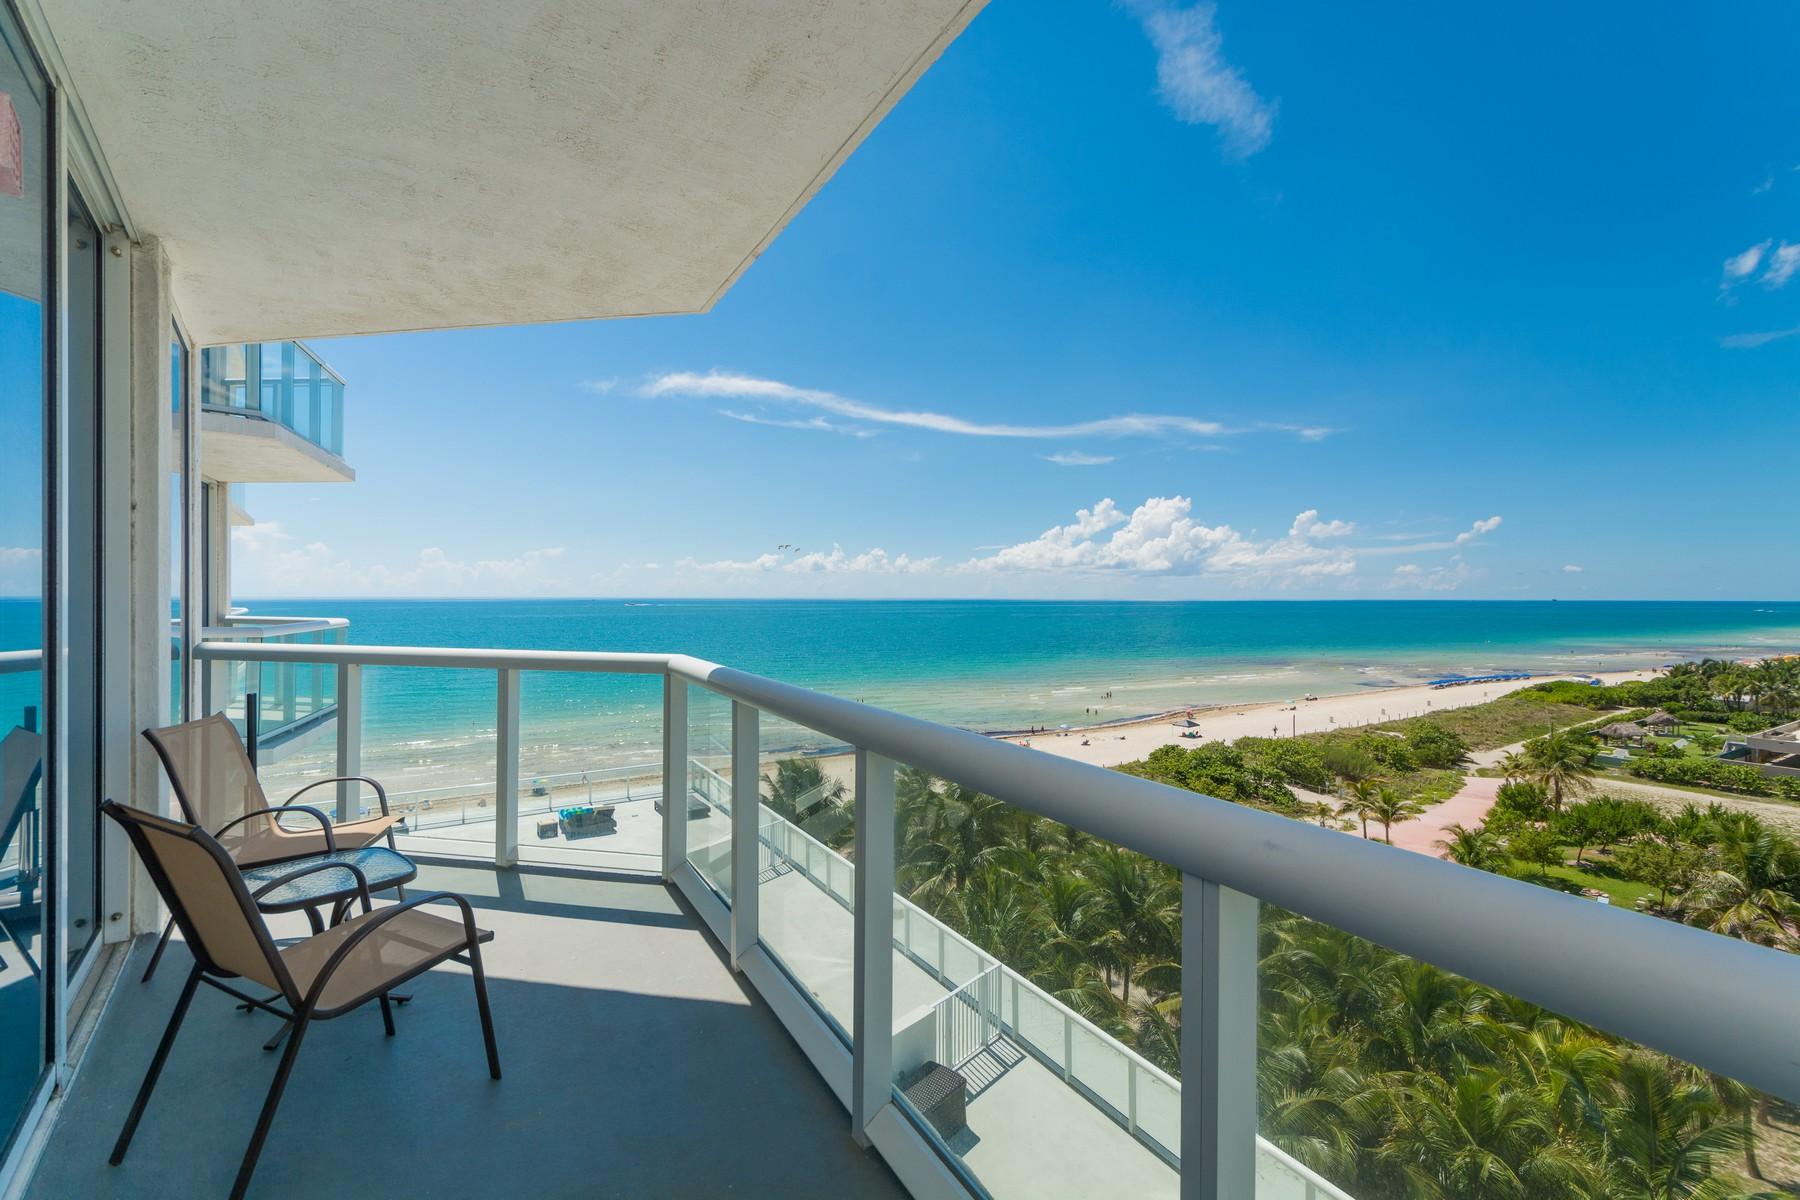 Condominium for Sale at 6515 Collins Ave # 805 Miami Beach, Florida 33141 United States